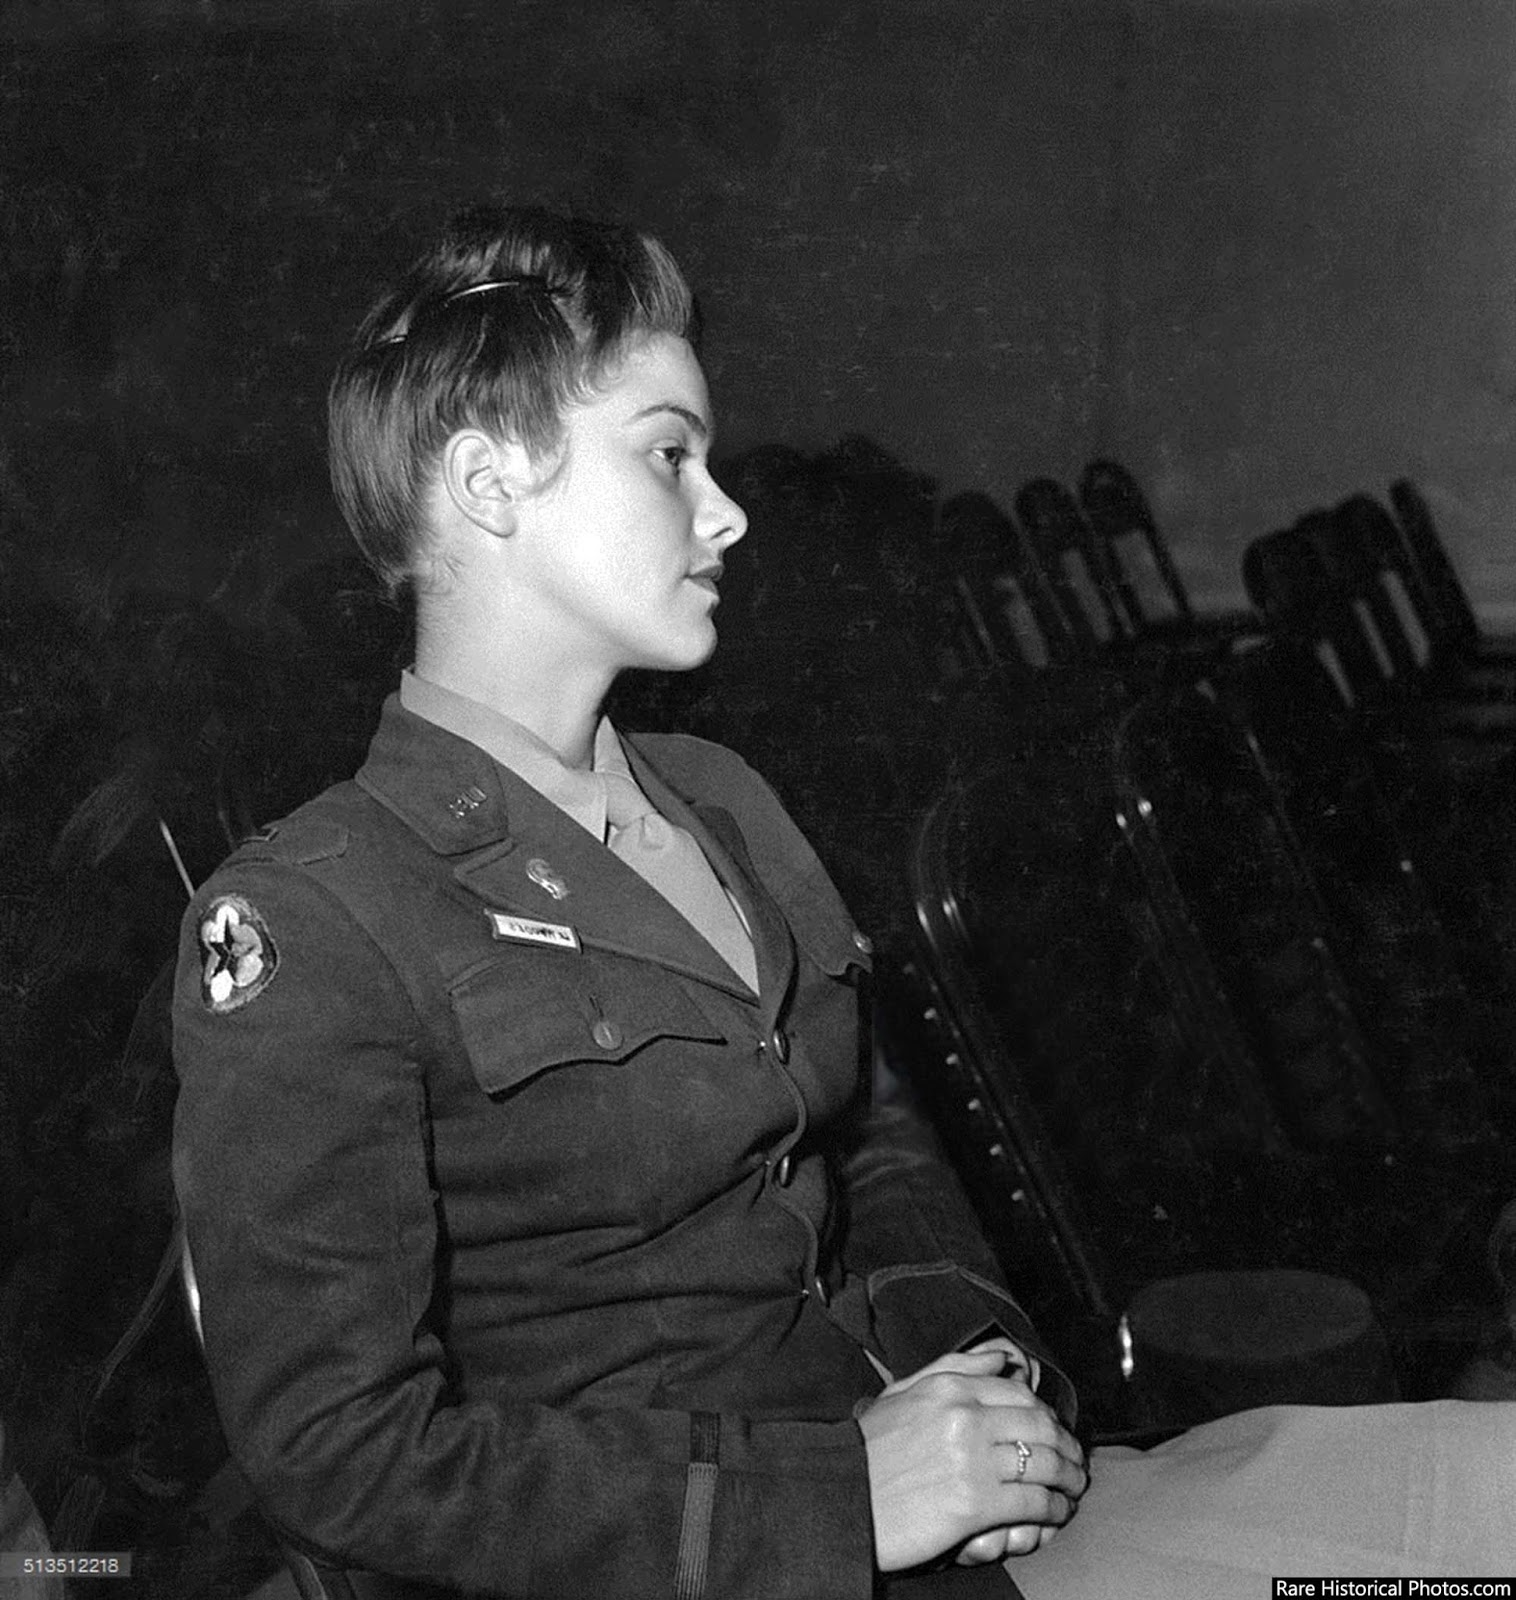 Lt. V. Rhodes of the WAAC at Fort Oglethorpe, Georgia, 1943.